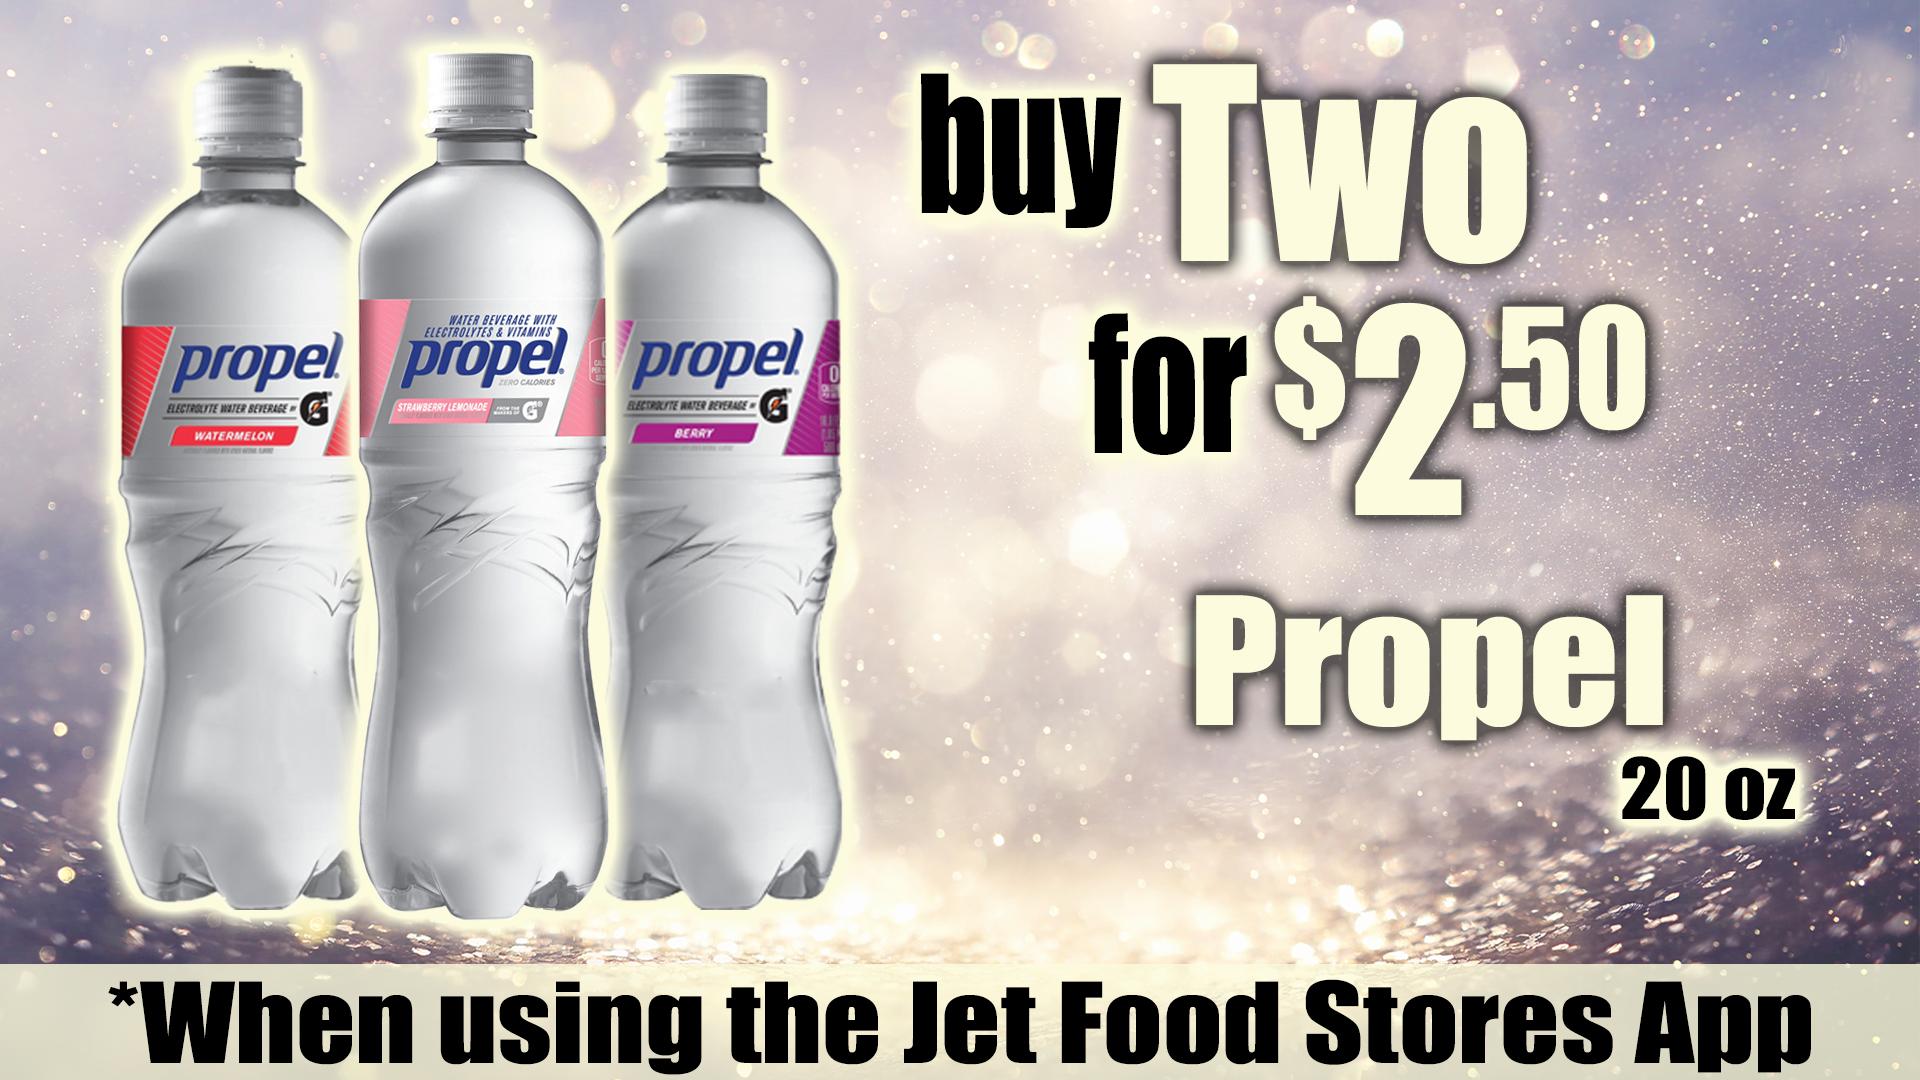 Propel_CPN_APP_B2G1_JF20